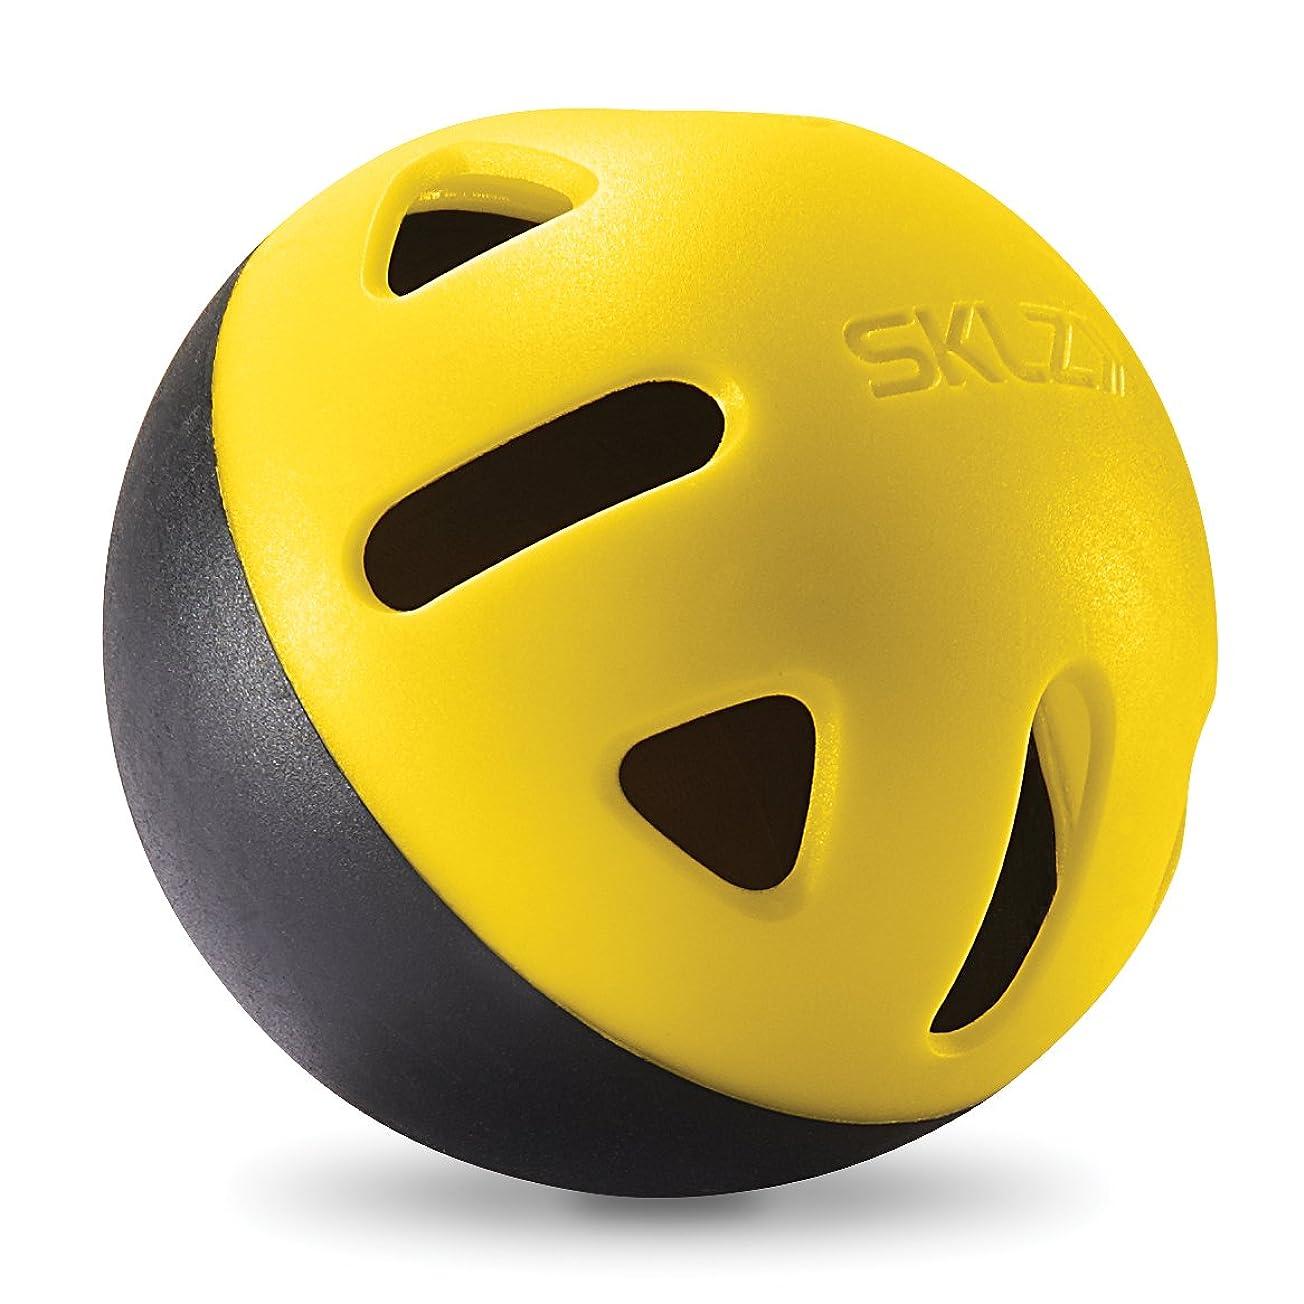 使い込むアジア疑問に思うSKLZ(スキルズ)野球 トレーニングボール インパクトベースボール 12個入 IMPACT BASEBALL 017239